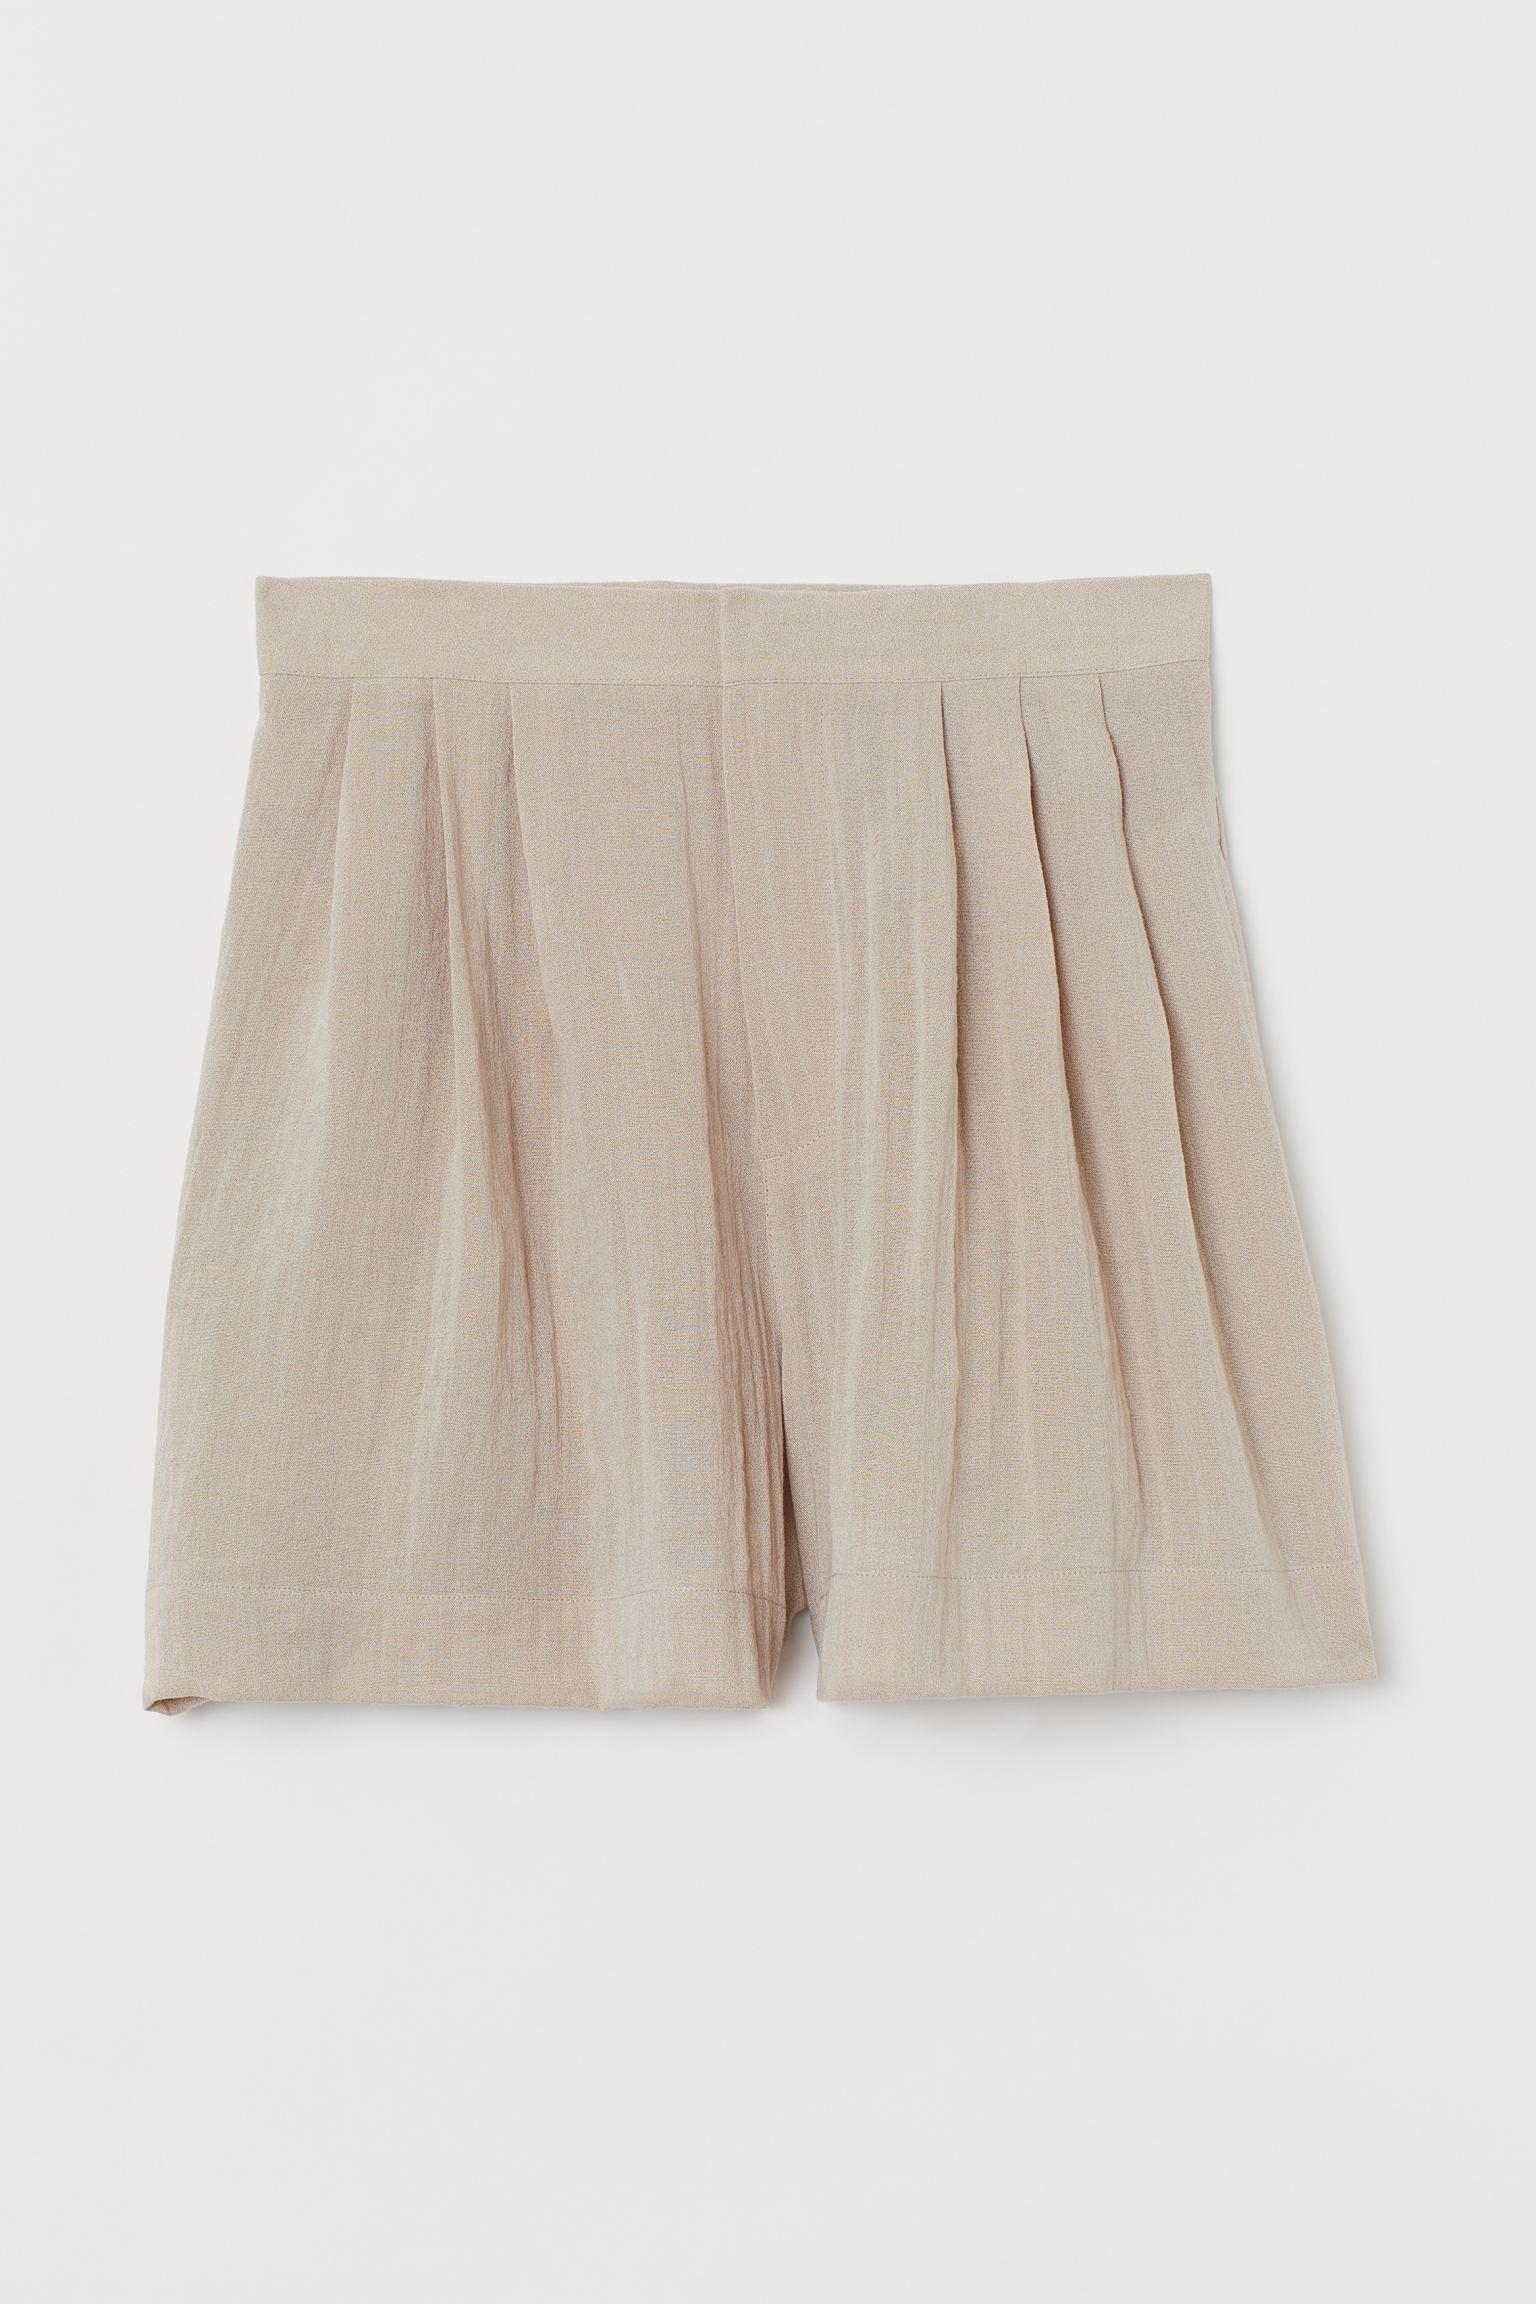 Bermuda de talle alto con pinzas, bolsillos al bies discretos y perneras amplias.